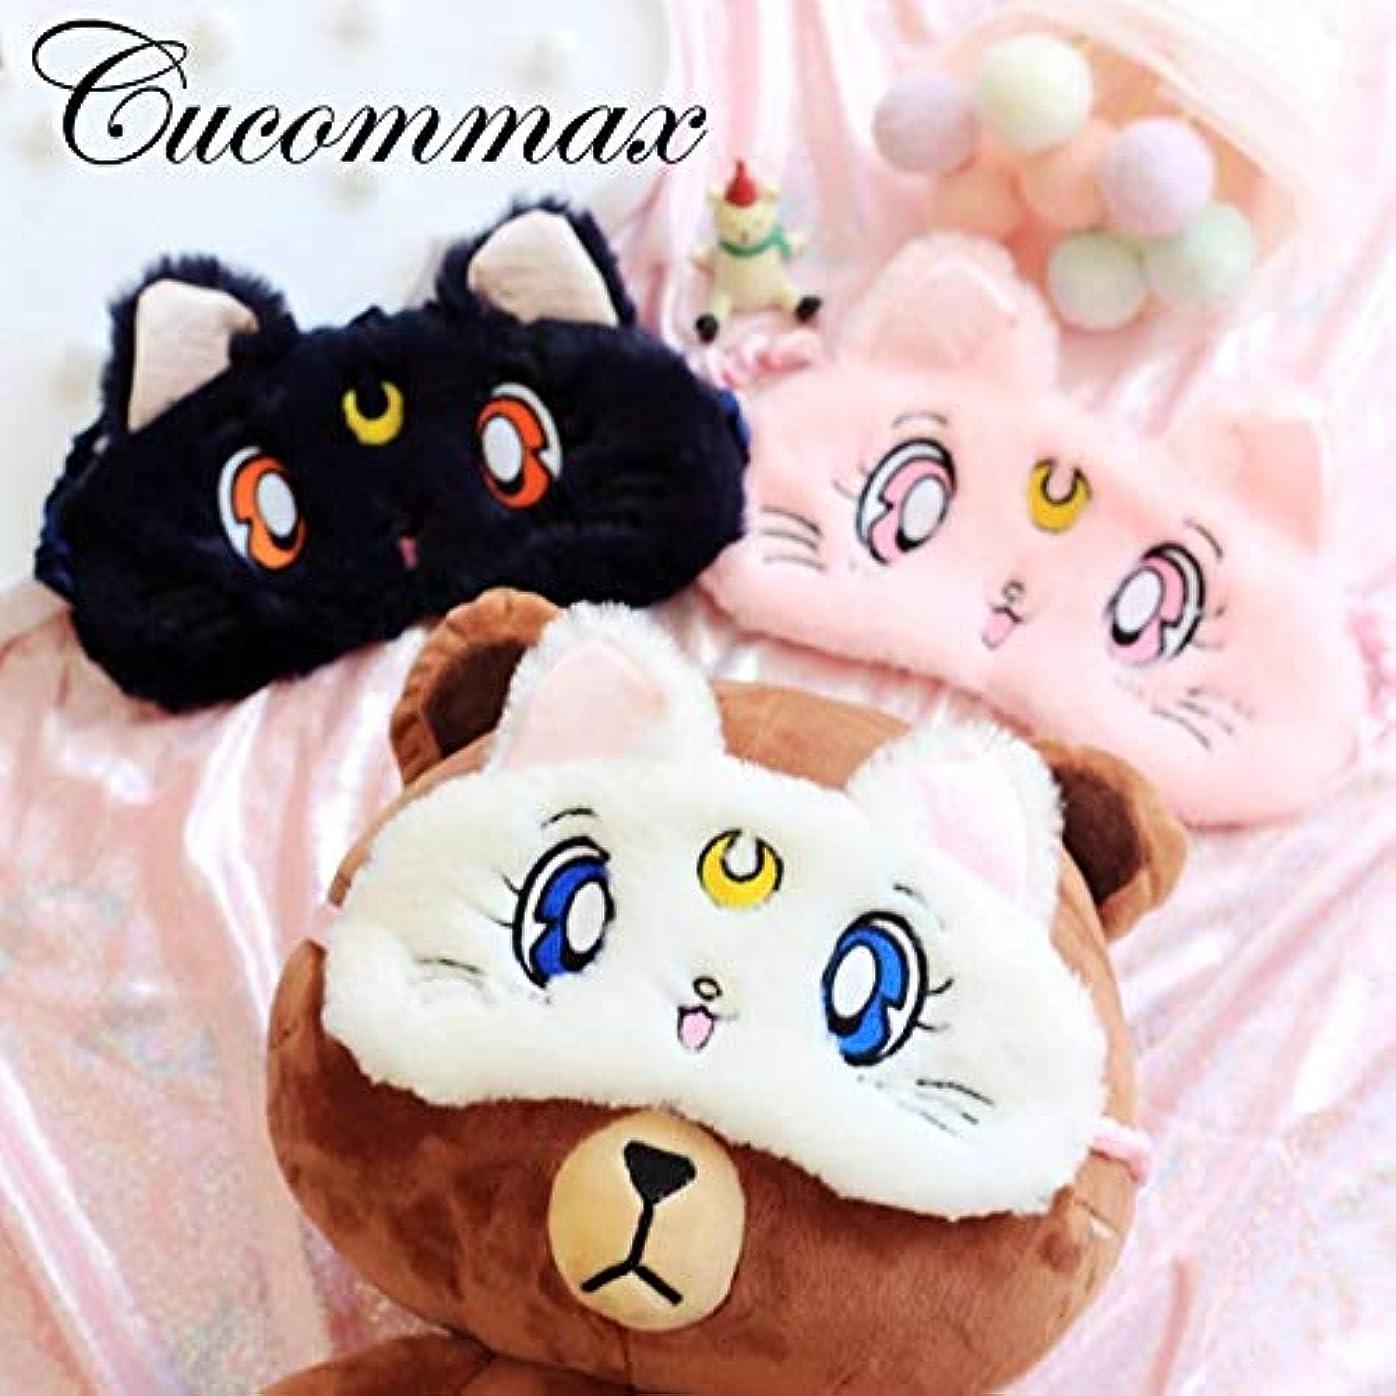 契約威信印象注Cucommax 1ピースかわいい猫リラックスアイスまたはホット圧縮アイシェード睡眠マスクブラックマスク包帯用睡眠 - MSK 58